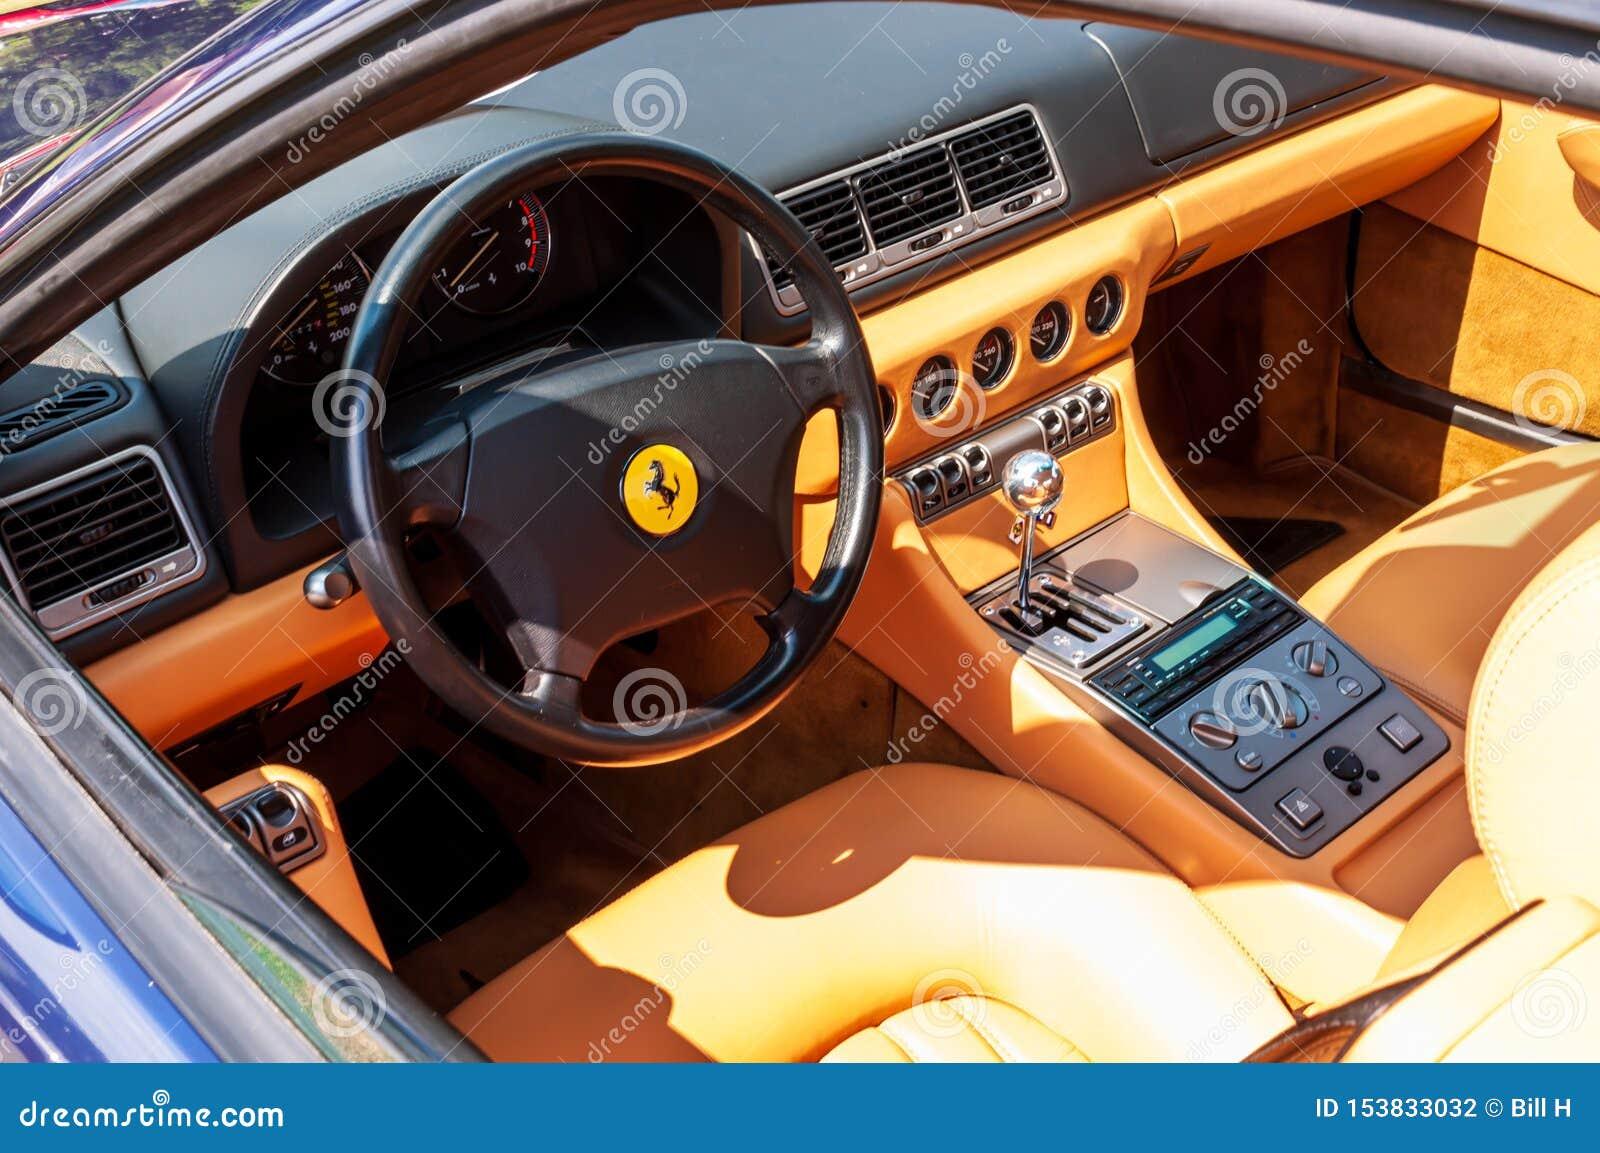 Ferrari Armaturenbrett Und Innenraum Fotos Kostenlose Und Royalty Free Stock Fotos Von Dreamstime